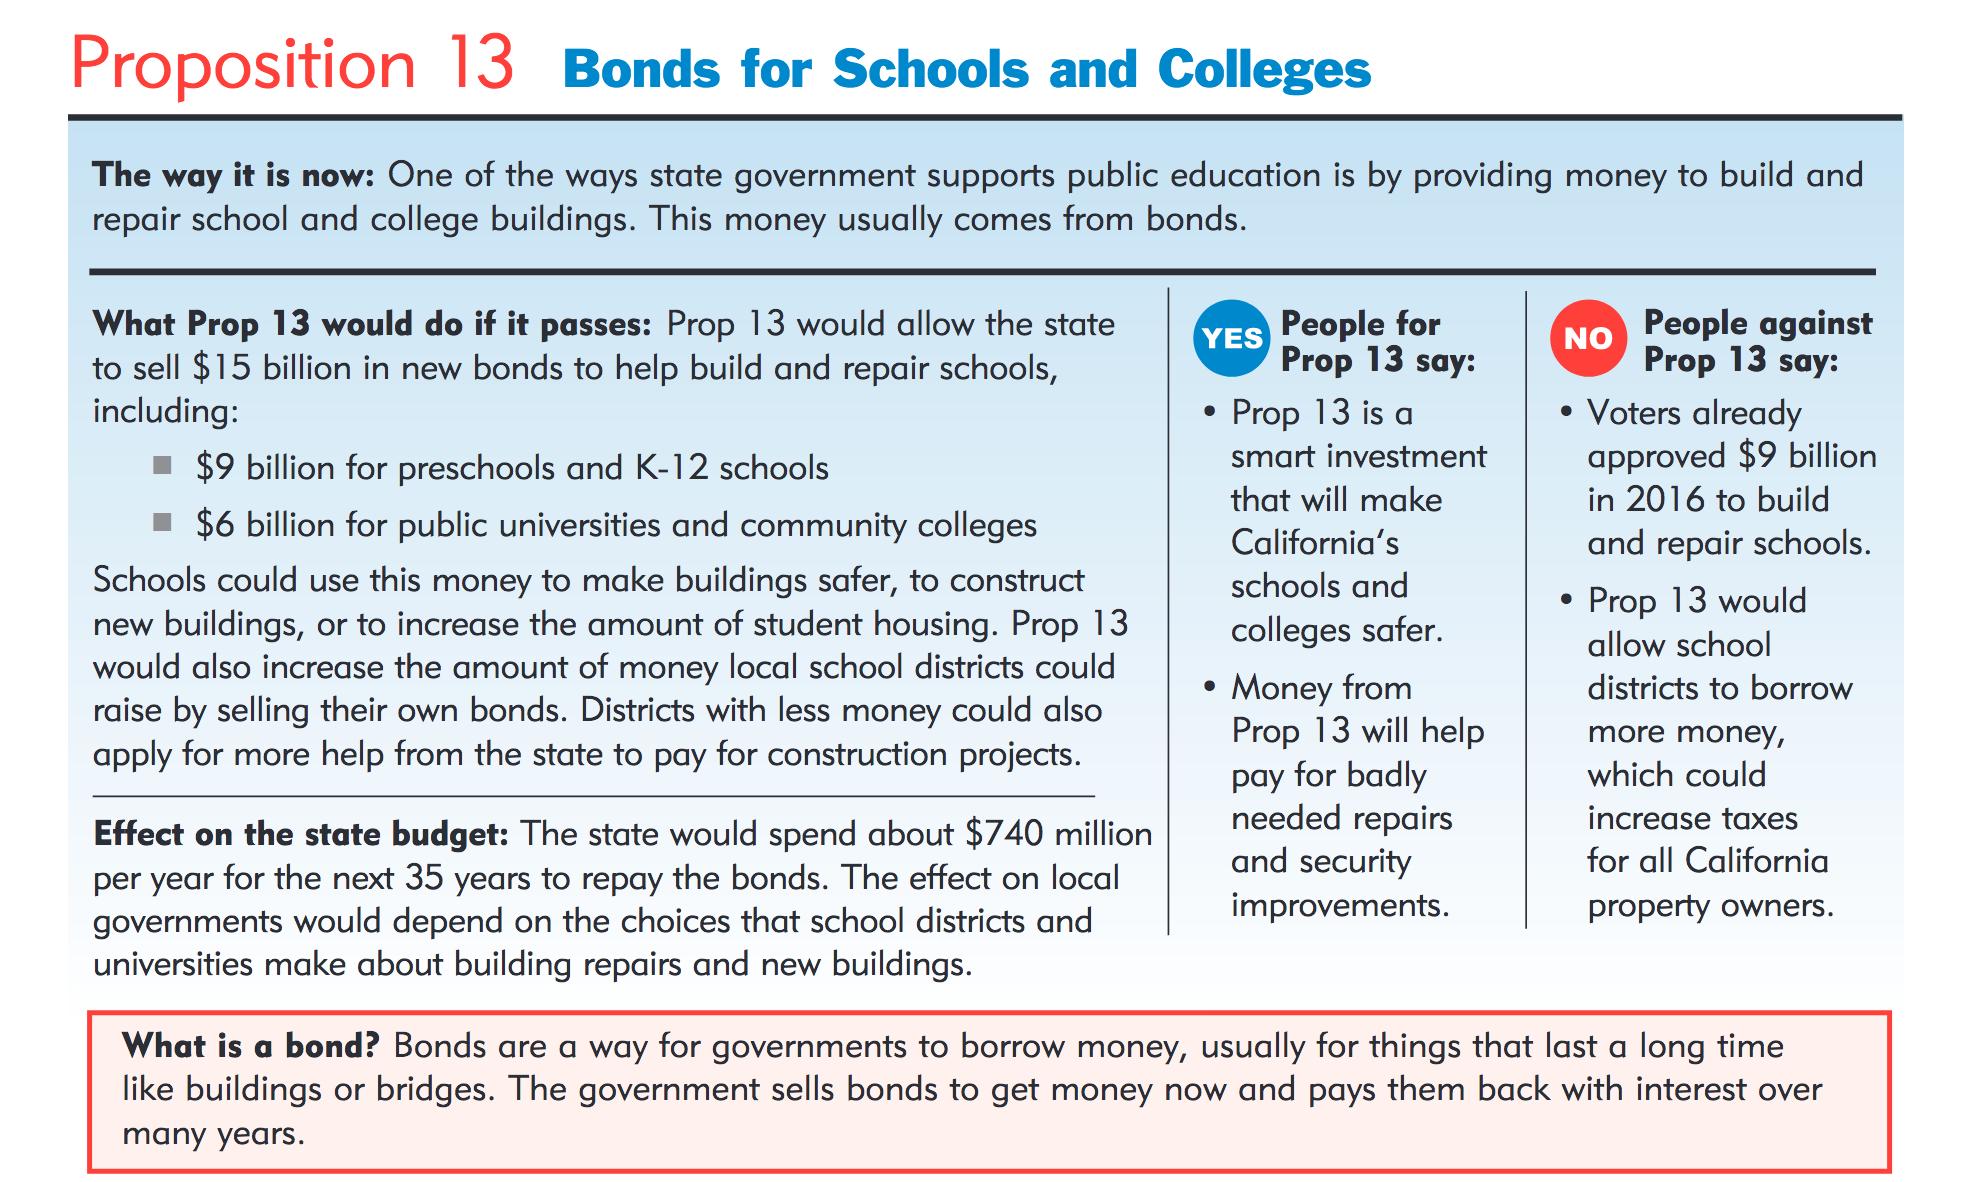 Prop 13 Bond measure described